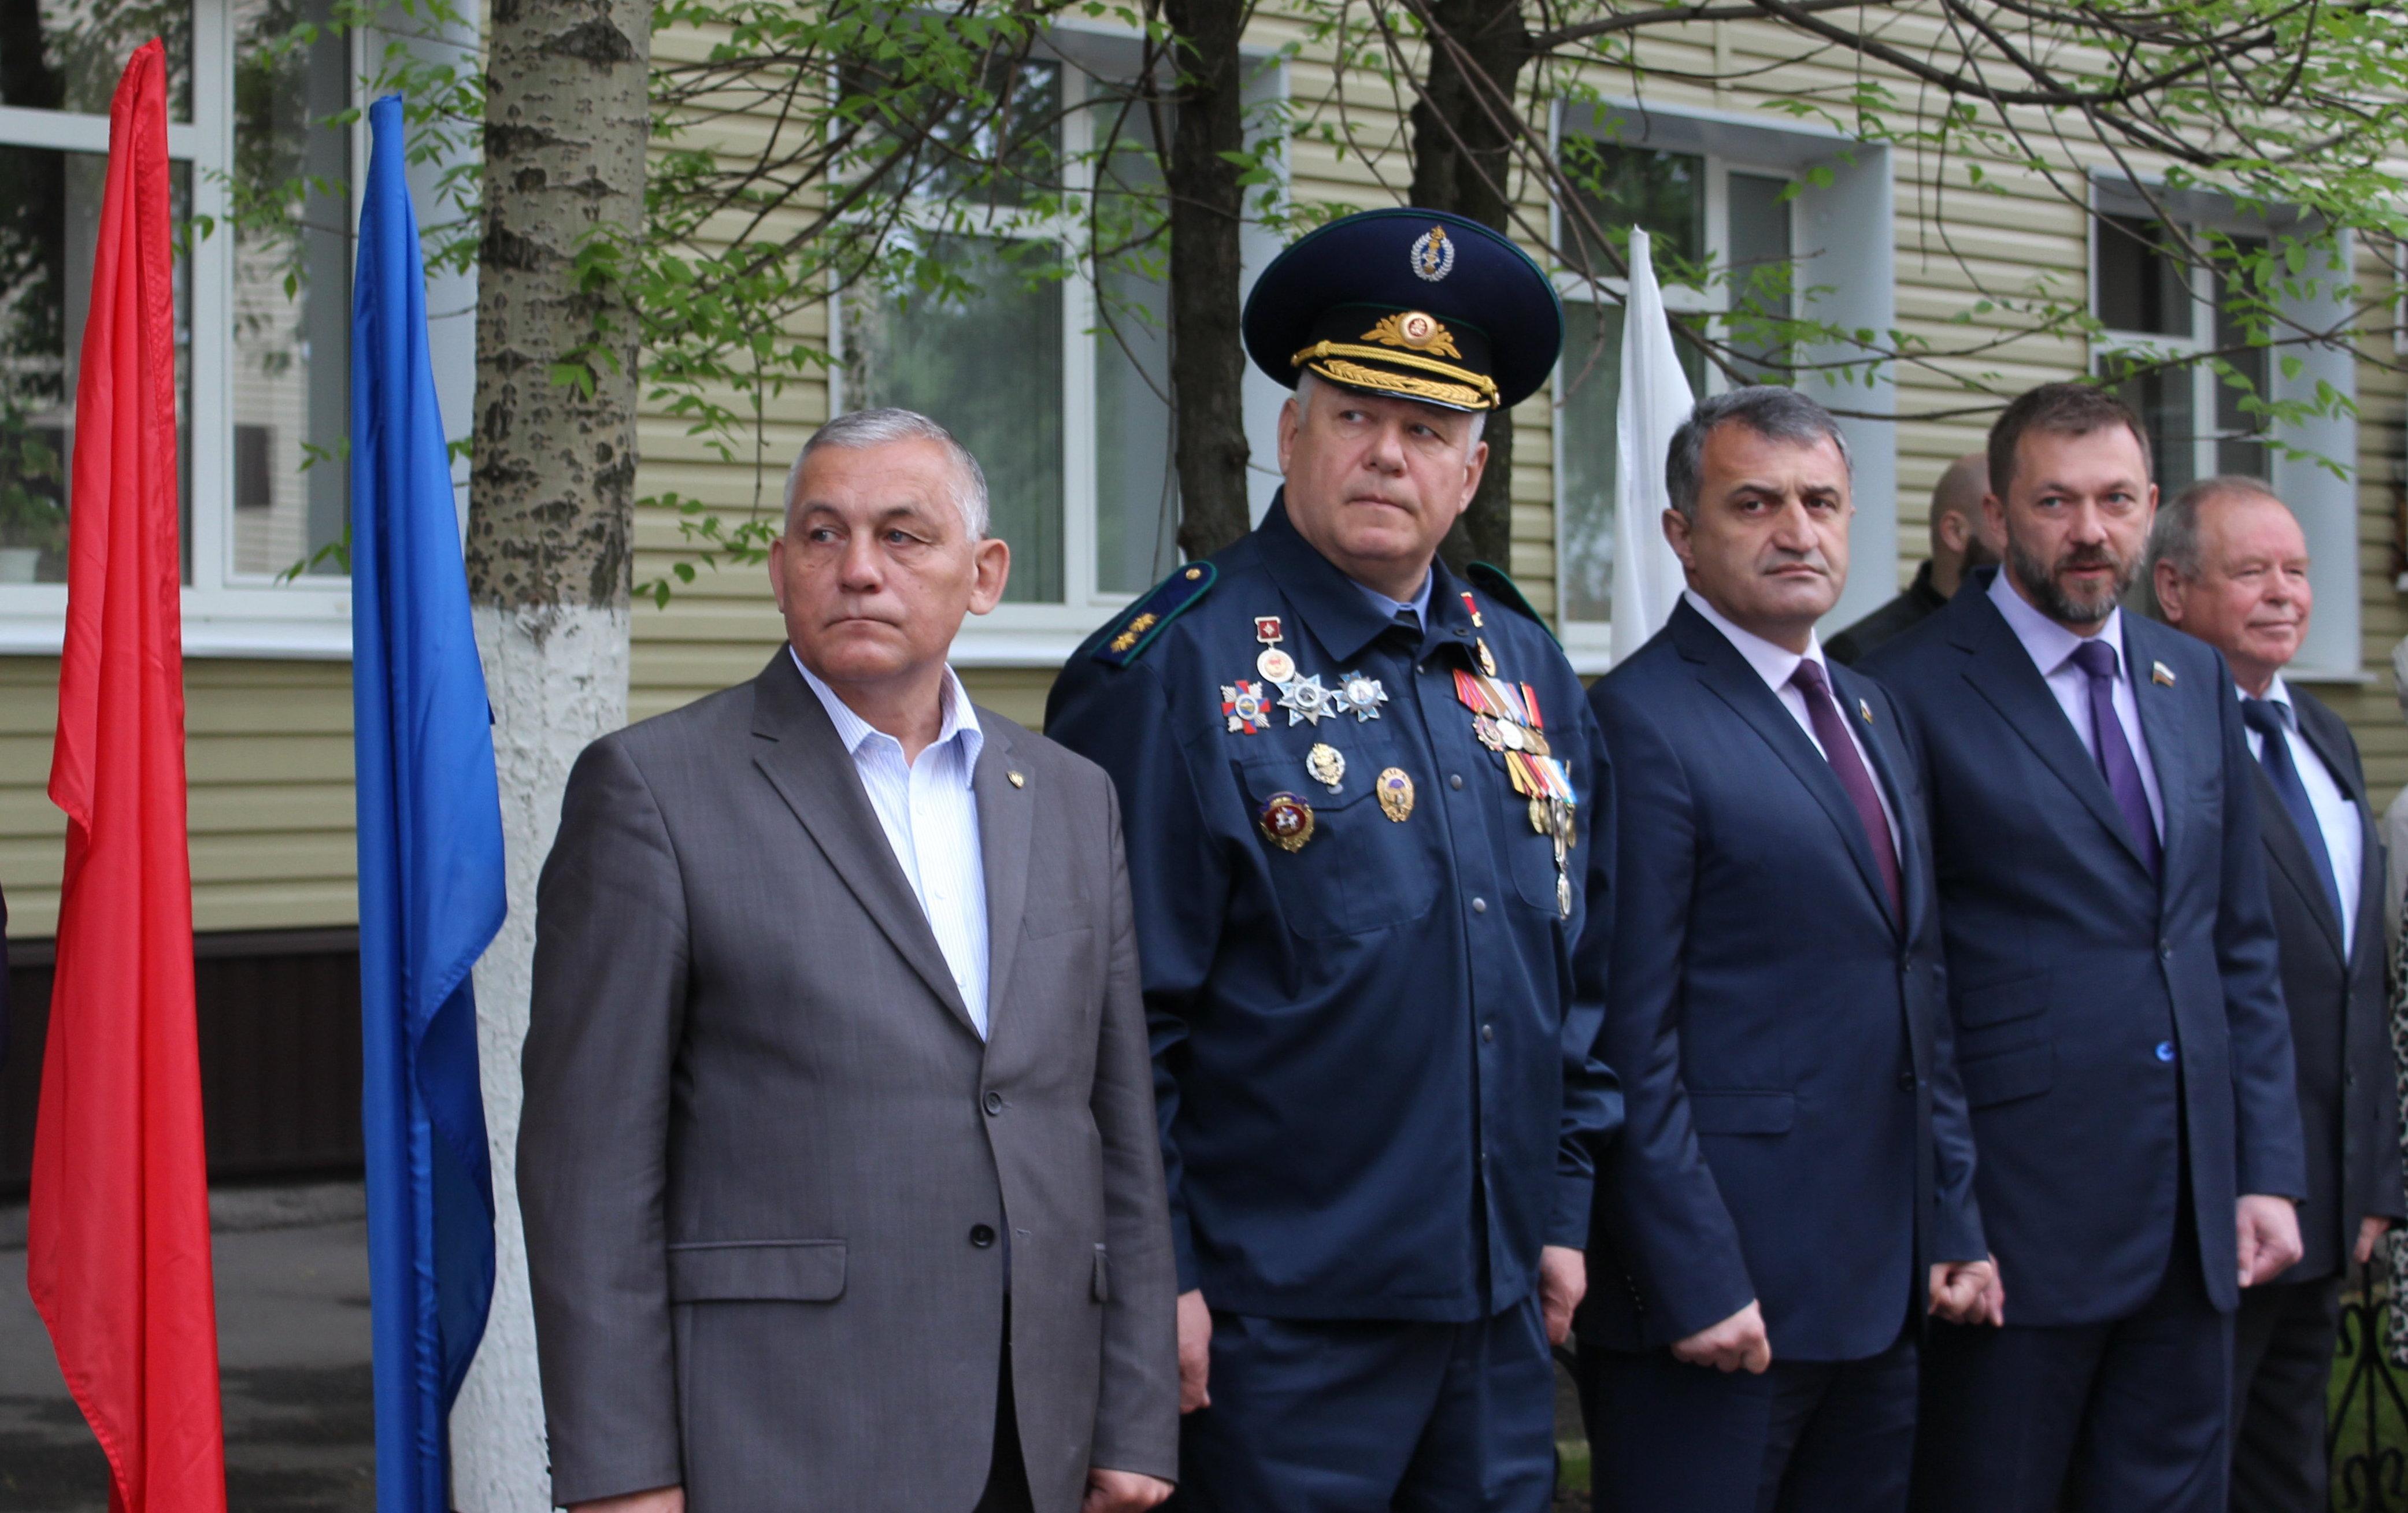 Отряд МЧС Лидер проводили в Южную Осетию спикер парламента РЮО Анатолий Бибилов и член СФ РФ Дмитрий Саблин